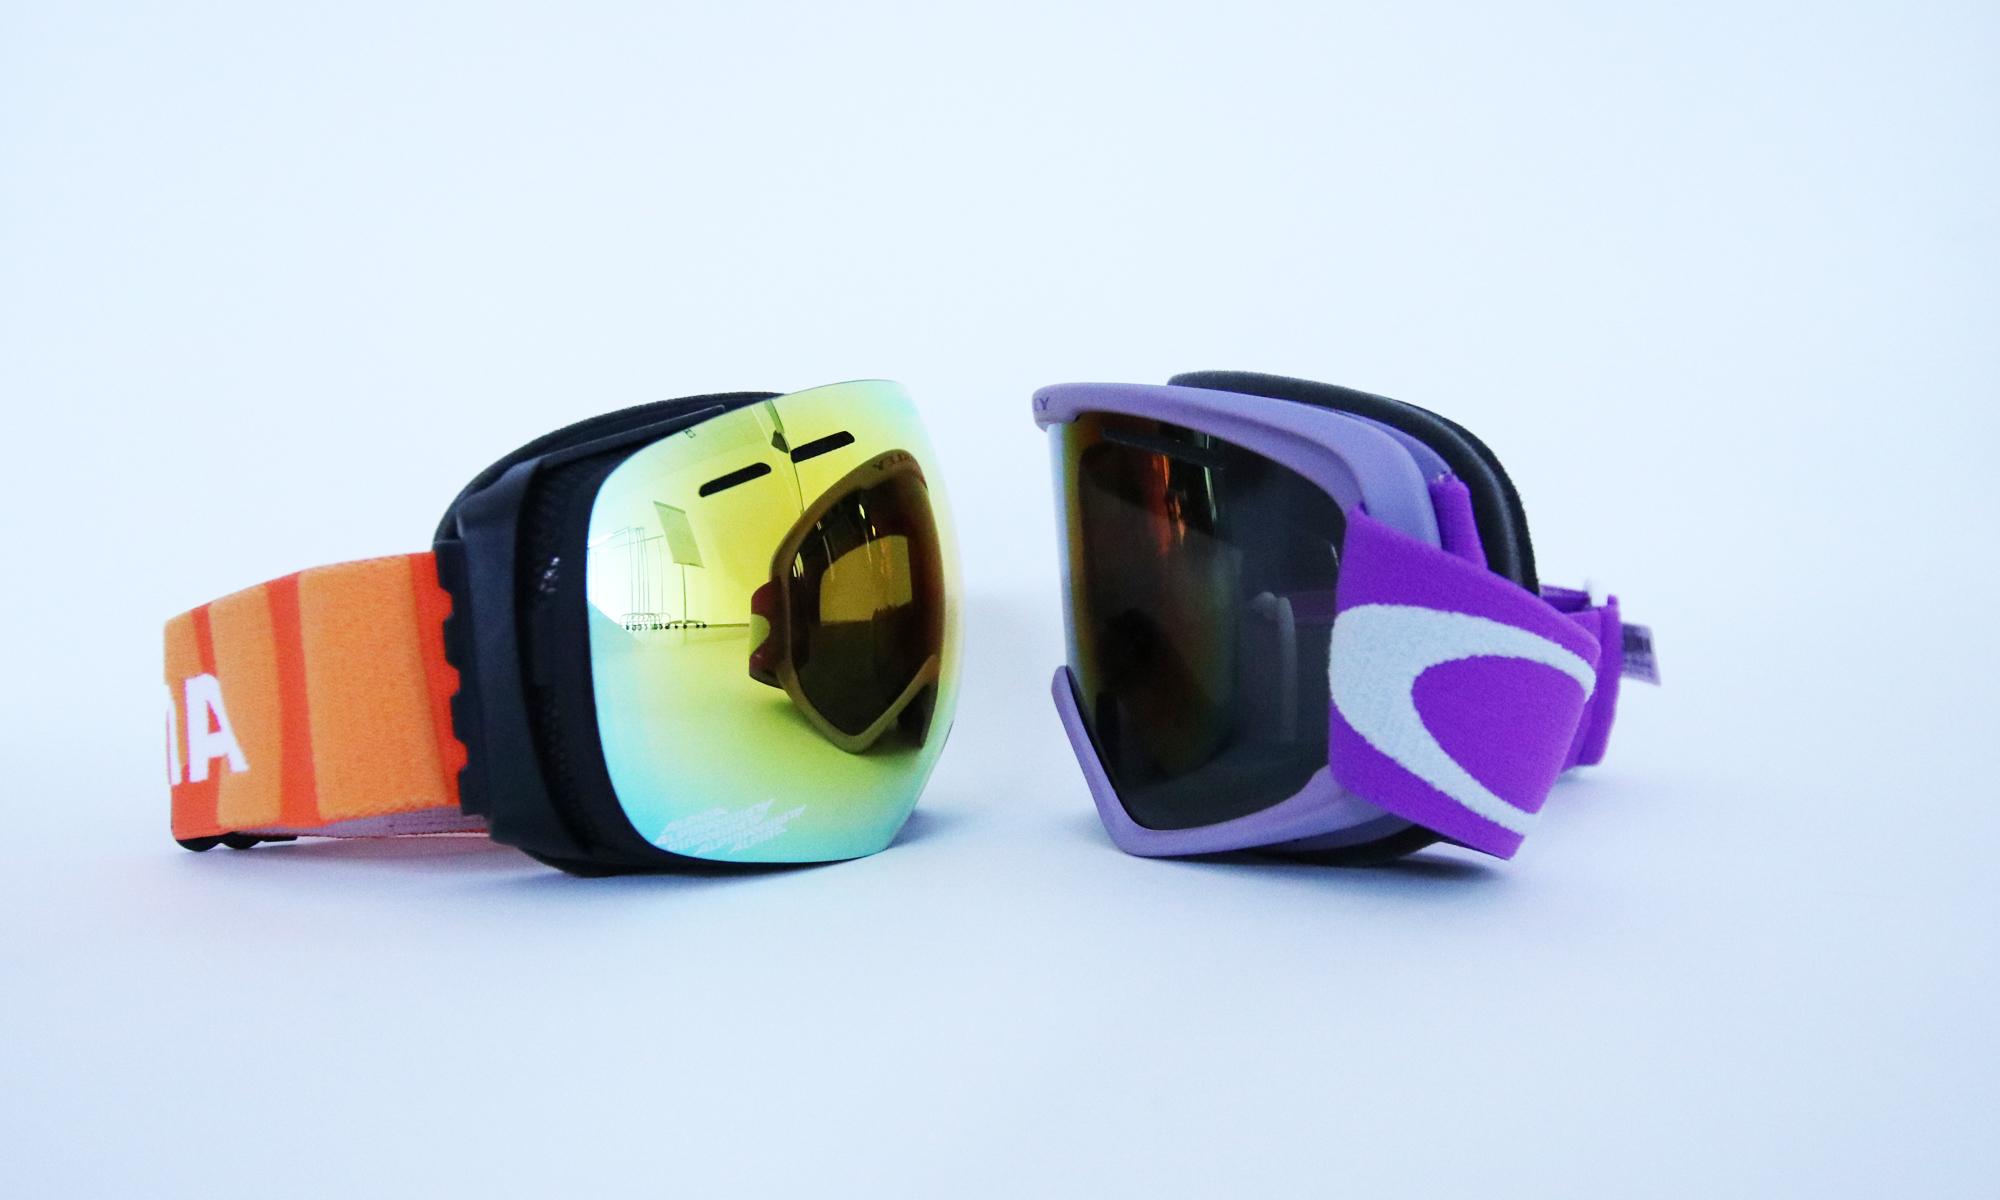 zylindrische und sphärische Skibrillen